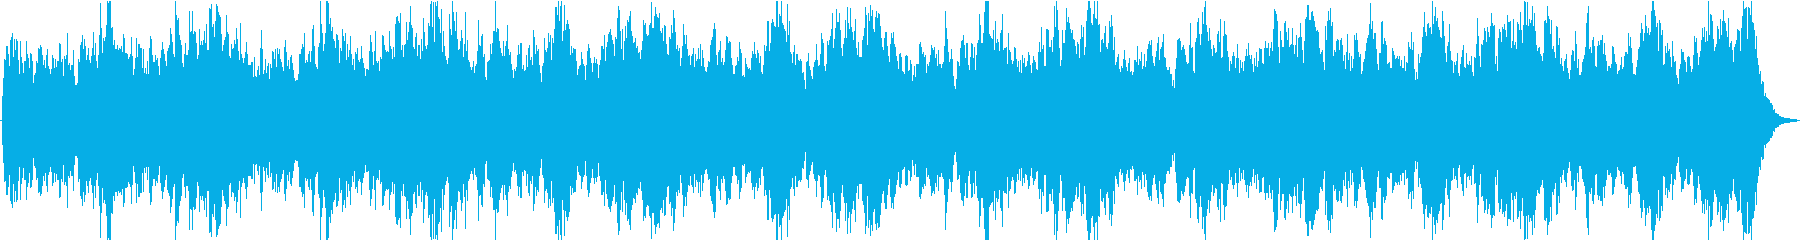 コミカルなオケ編曲の米国フォークソングの再生済みの波形